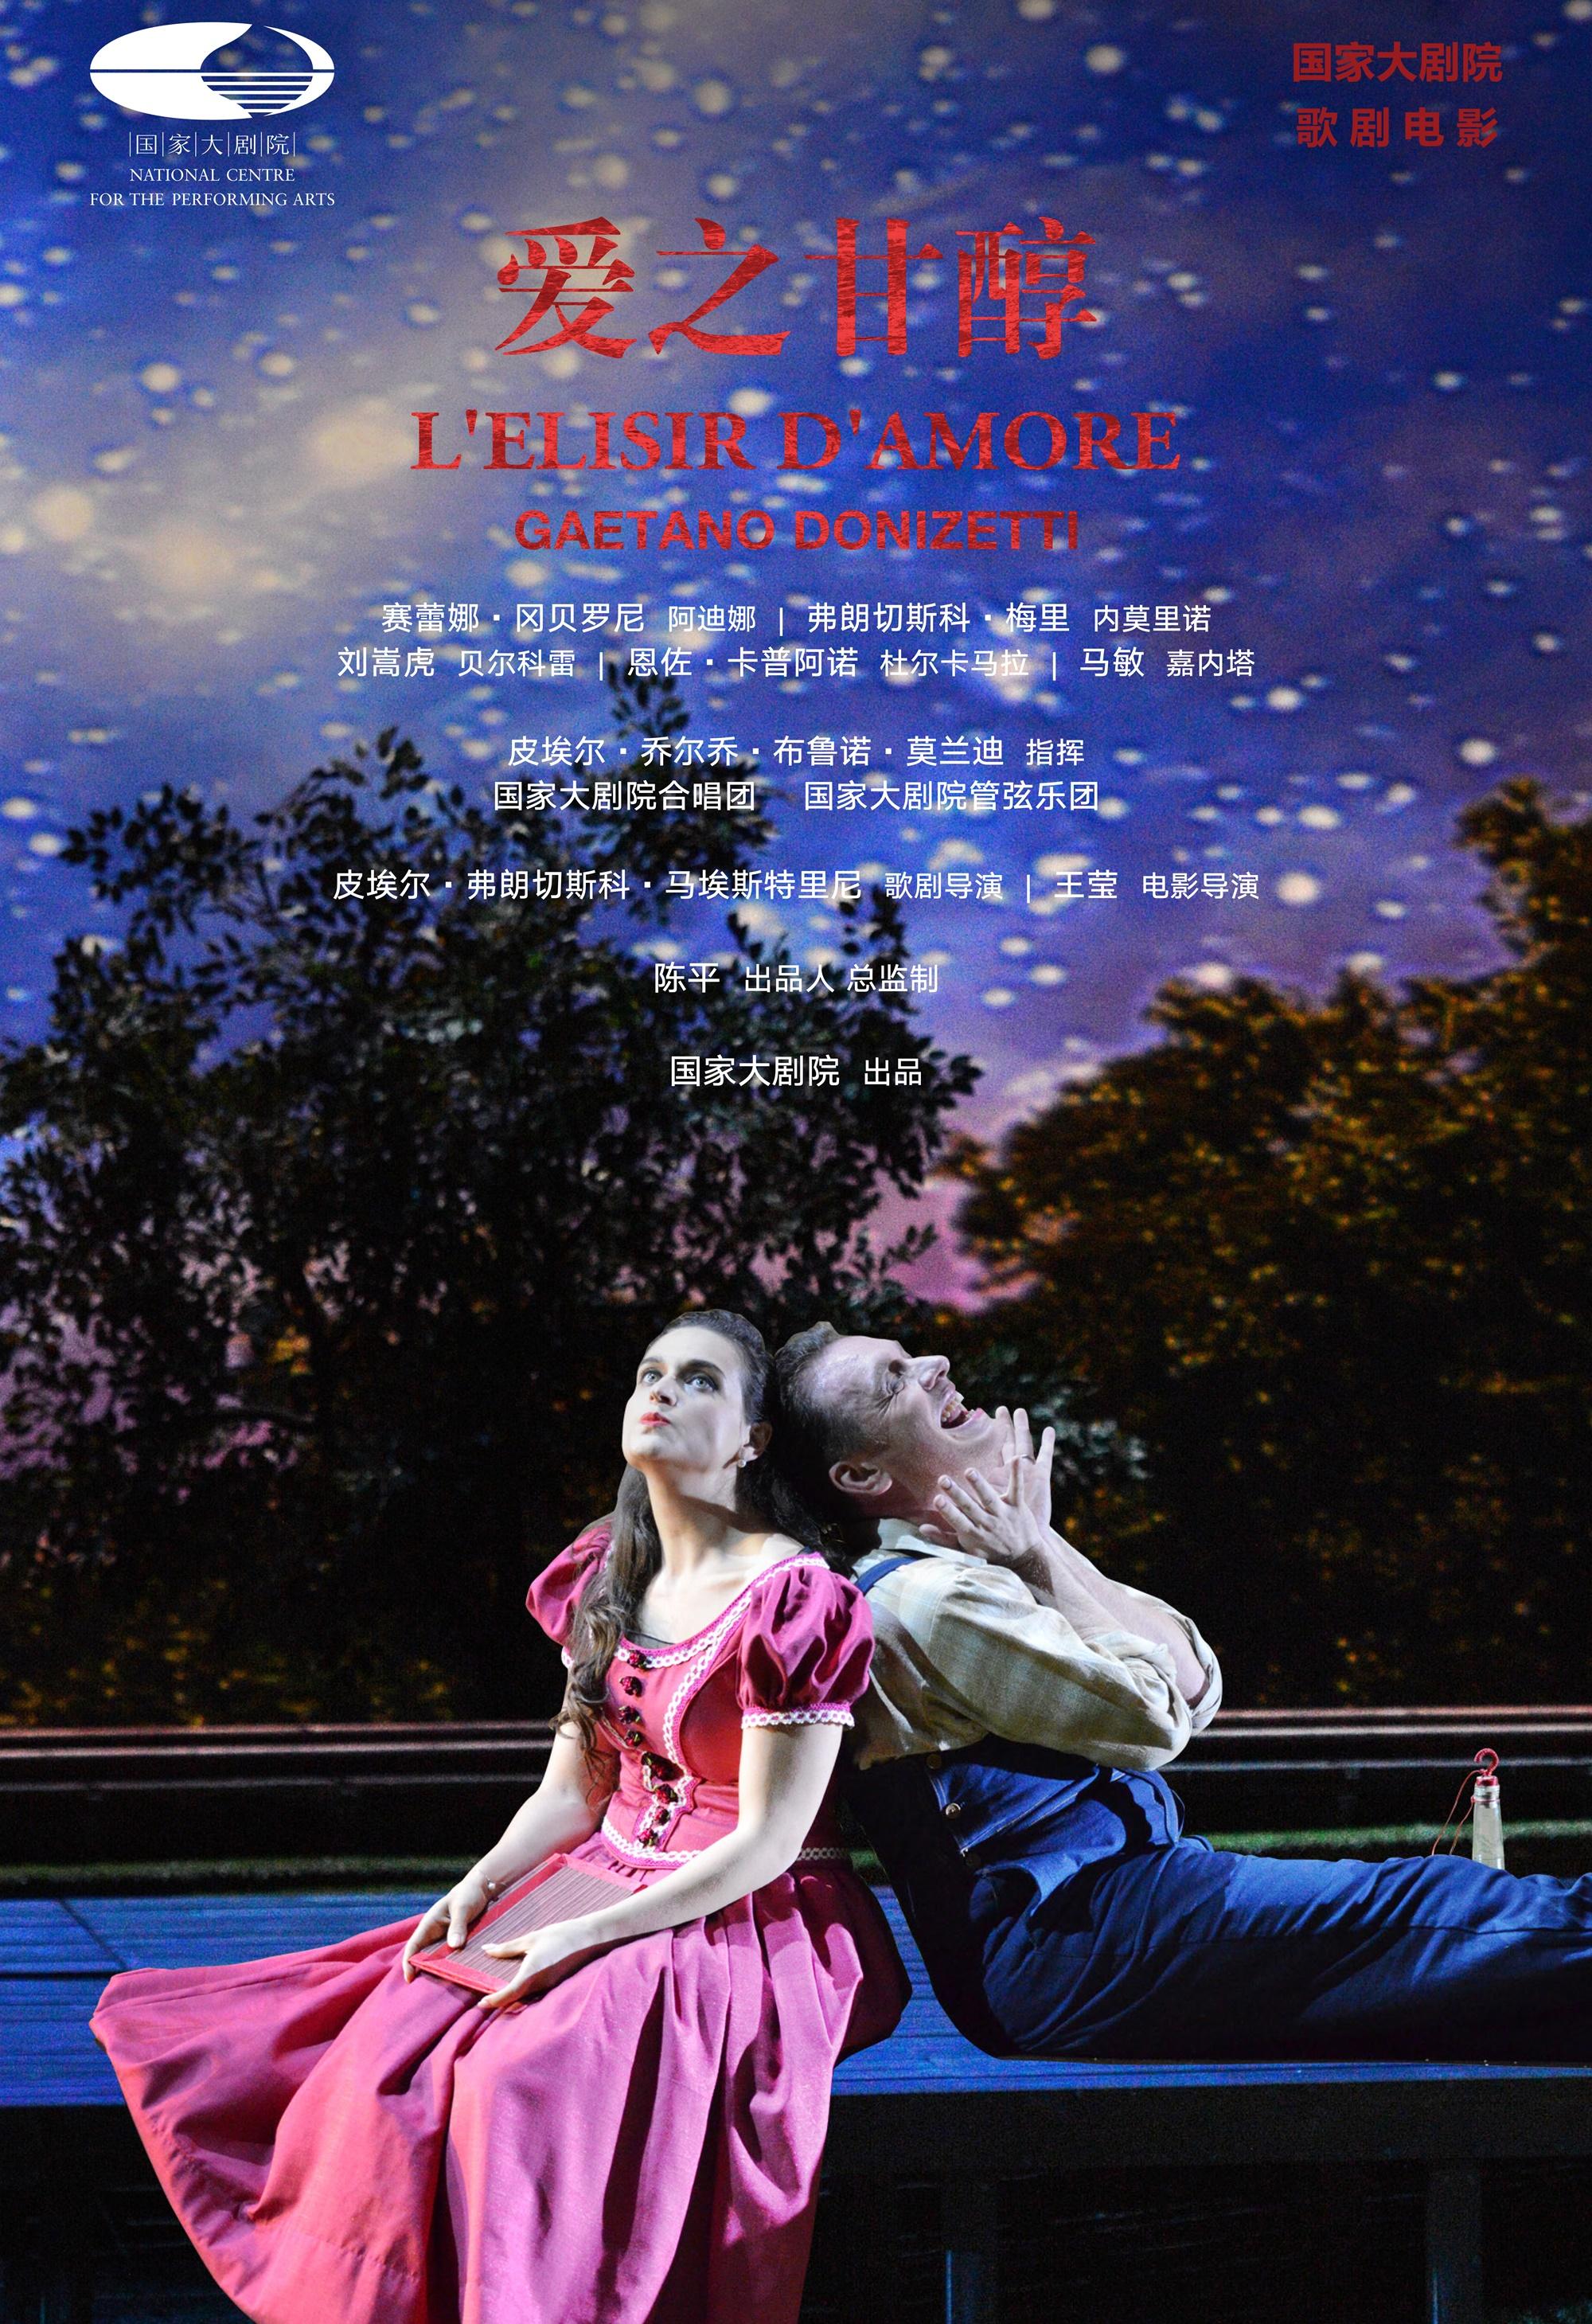 歌剧高清放映《爱之甘醇》